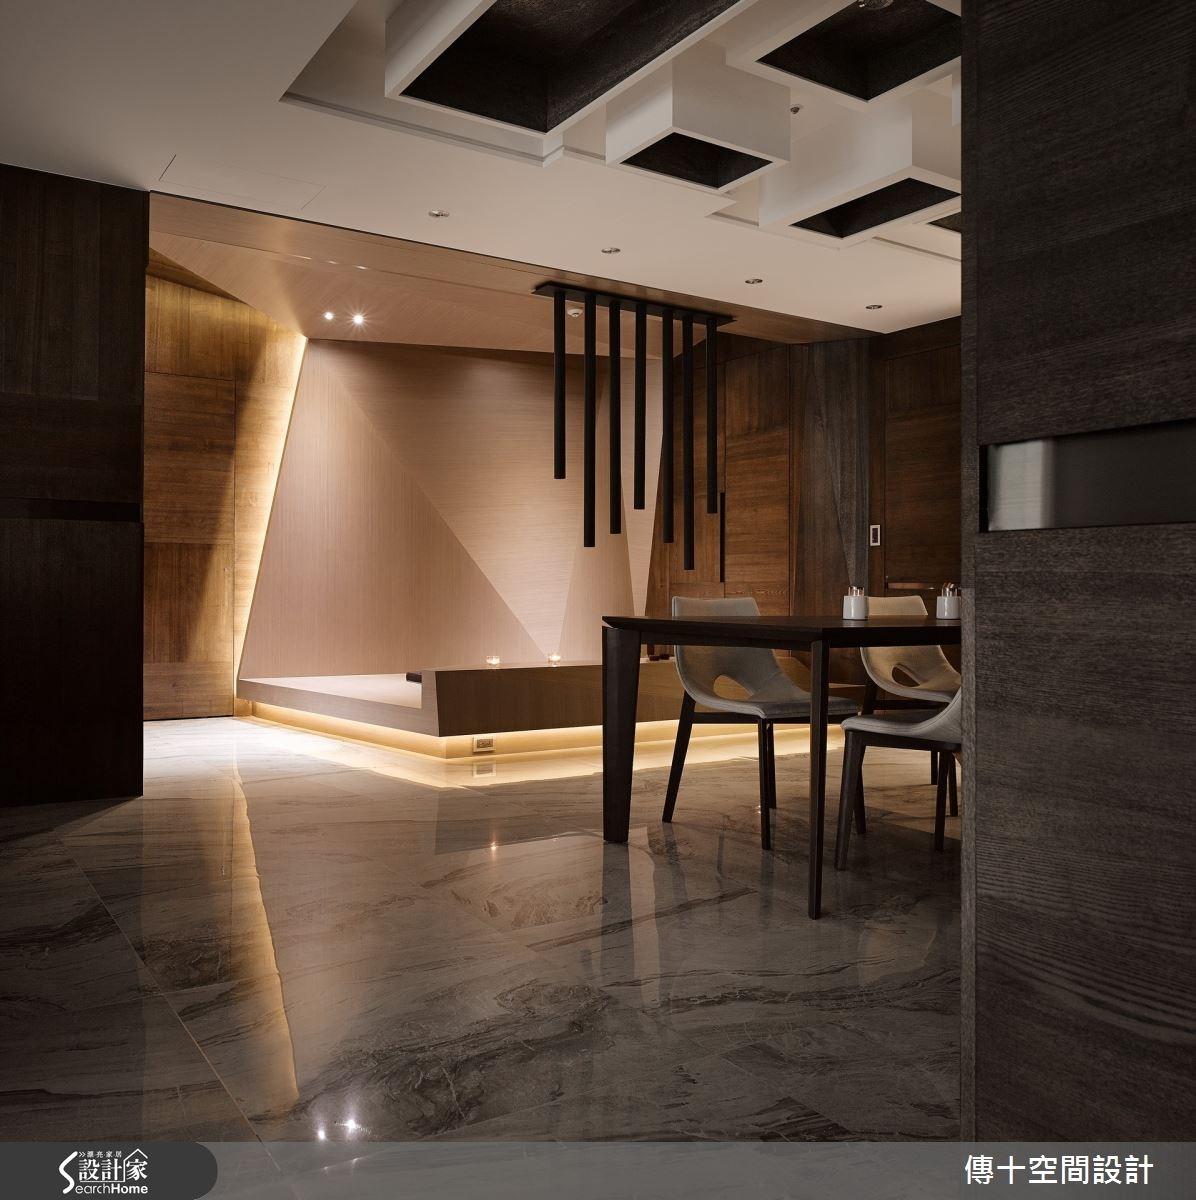 入口其一軸線為玄關、餐廳、多功能室。餐廳天花板做出盒狀燈光設計,形成獨一無二的吸睛焦點;後方多功能室則加入折板幾何元素,但同時以溫潤木皮注入禪風氣息,搭配獨家的懸吊訂製燈具,形成療癒氛圍。